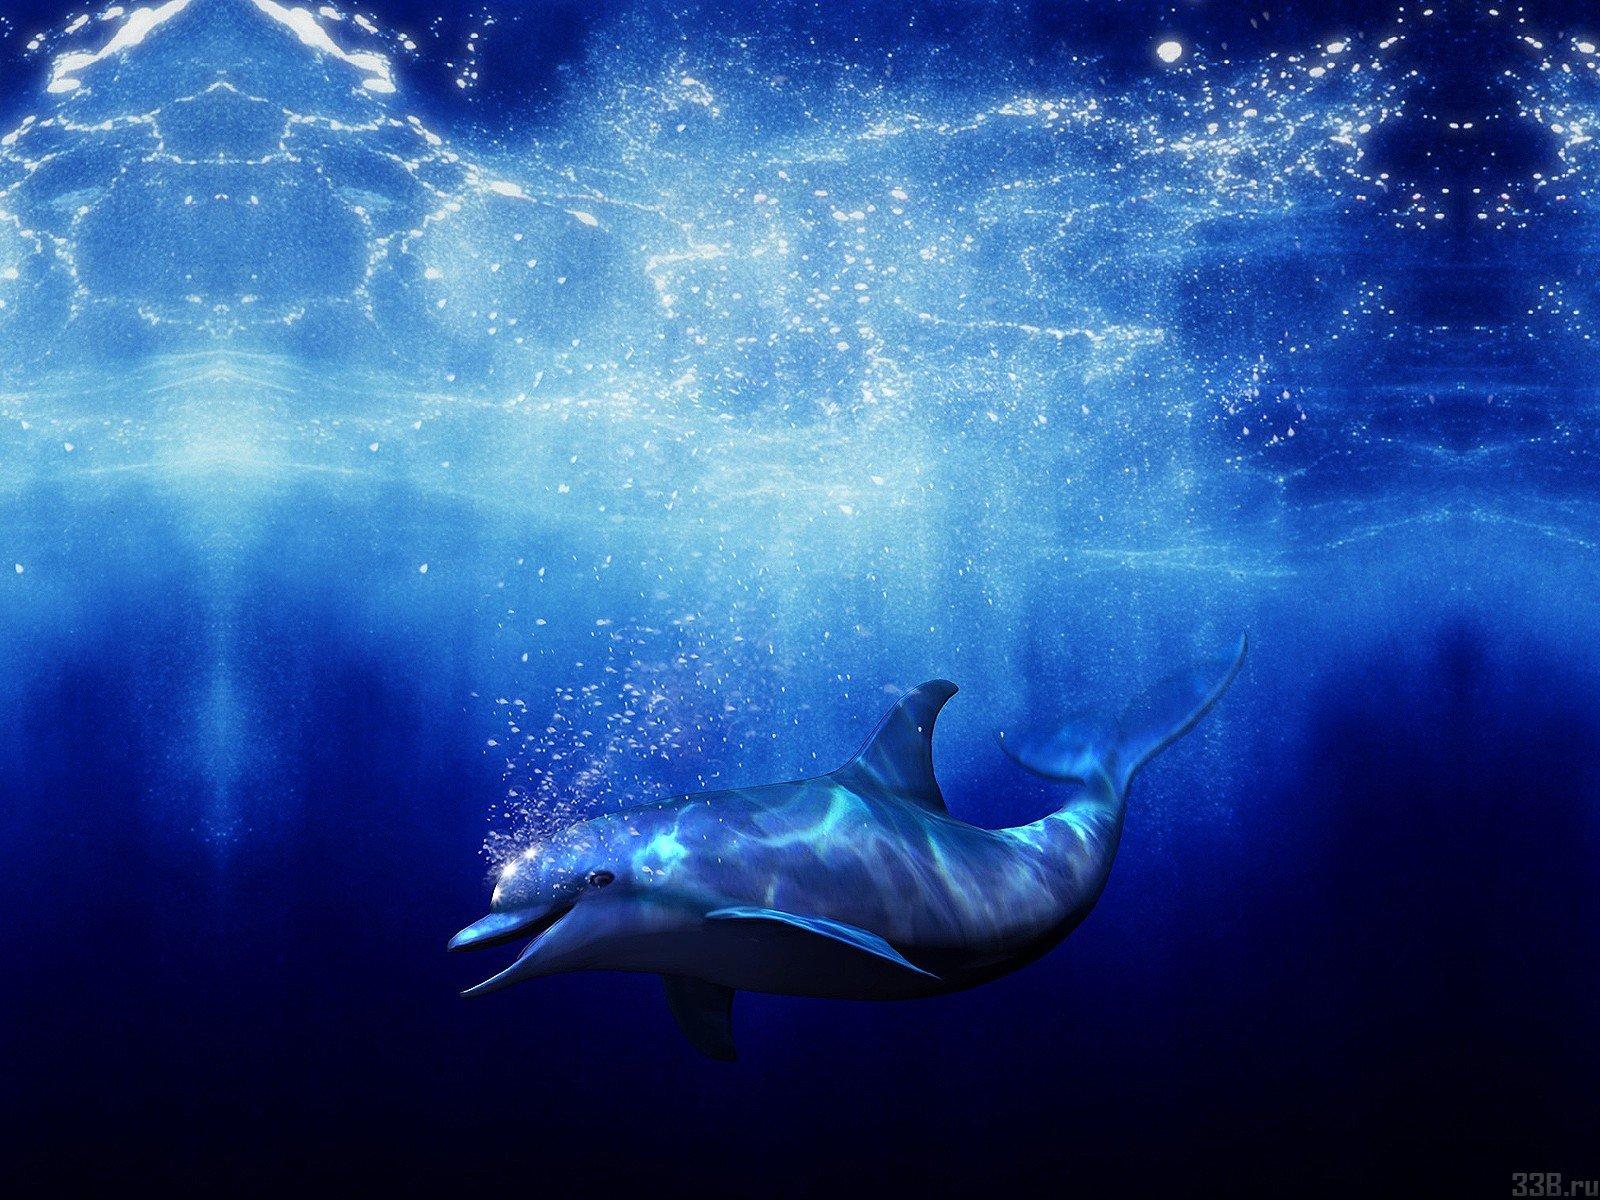 fond d ecran dauphin